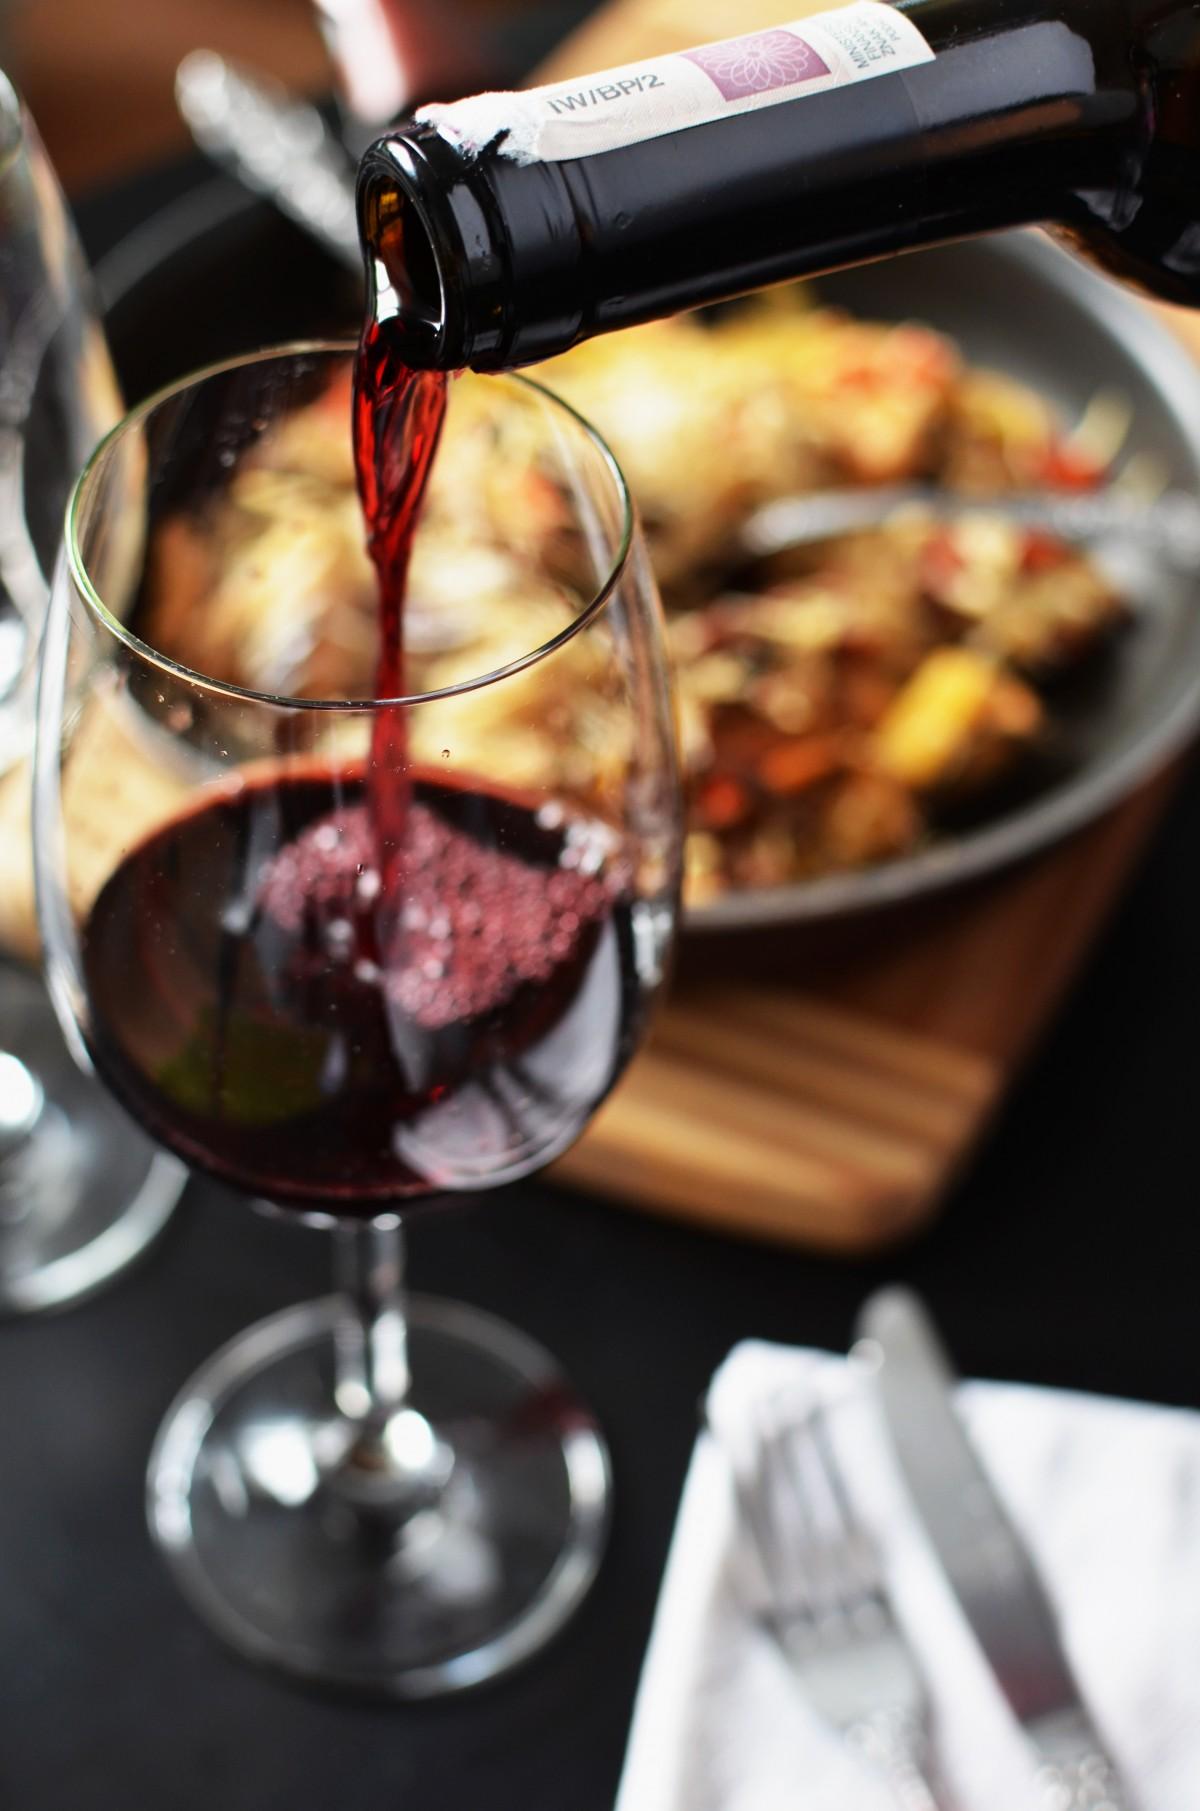 Картинка с вином и бокалами за столом